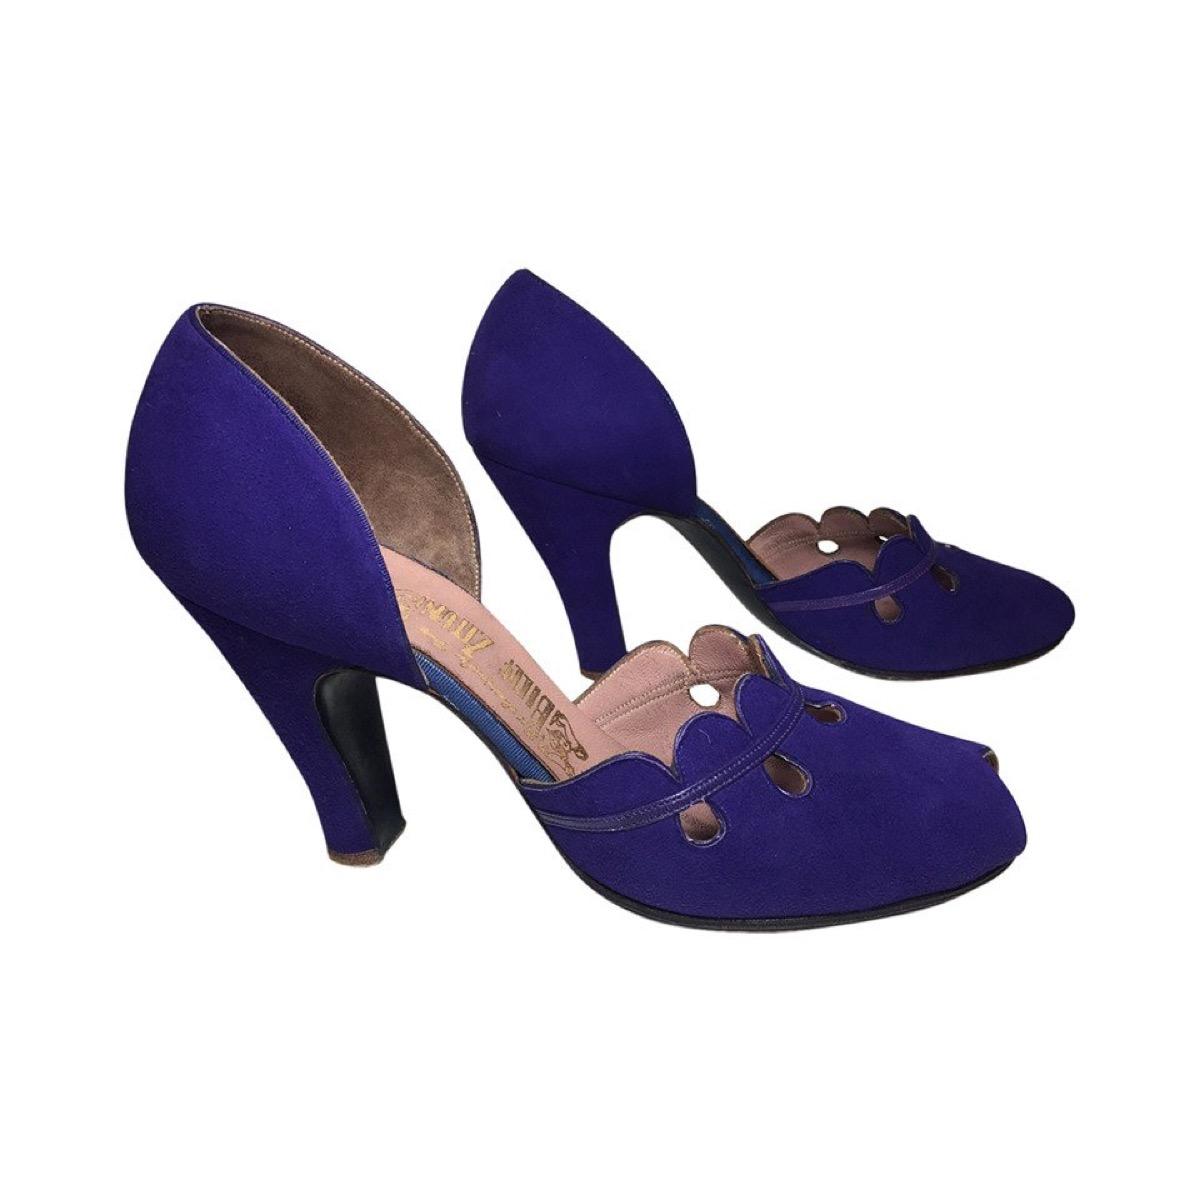 Ruffle-Pumps-1940s-shoe